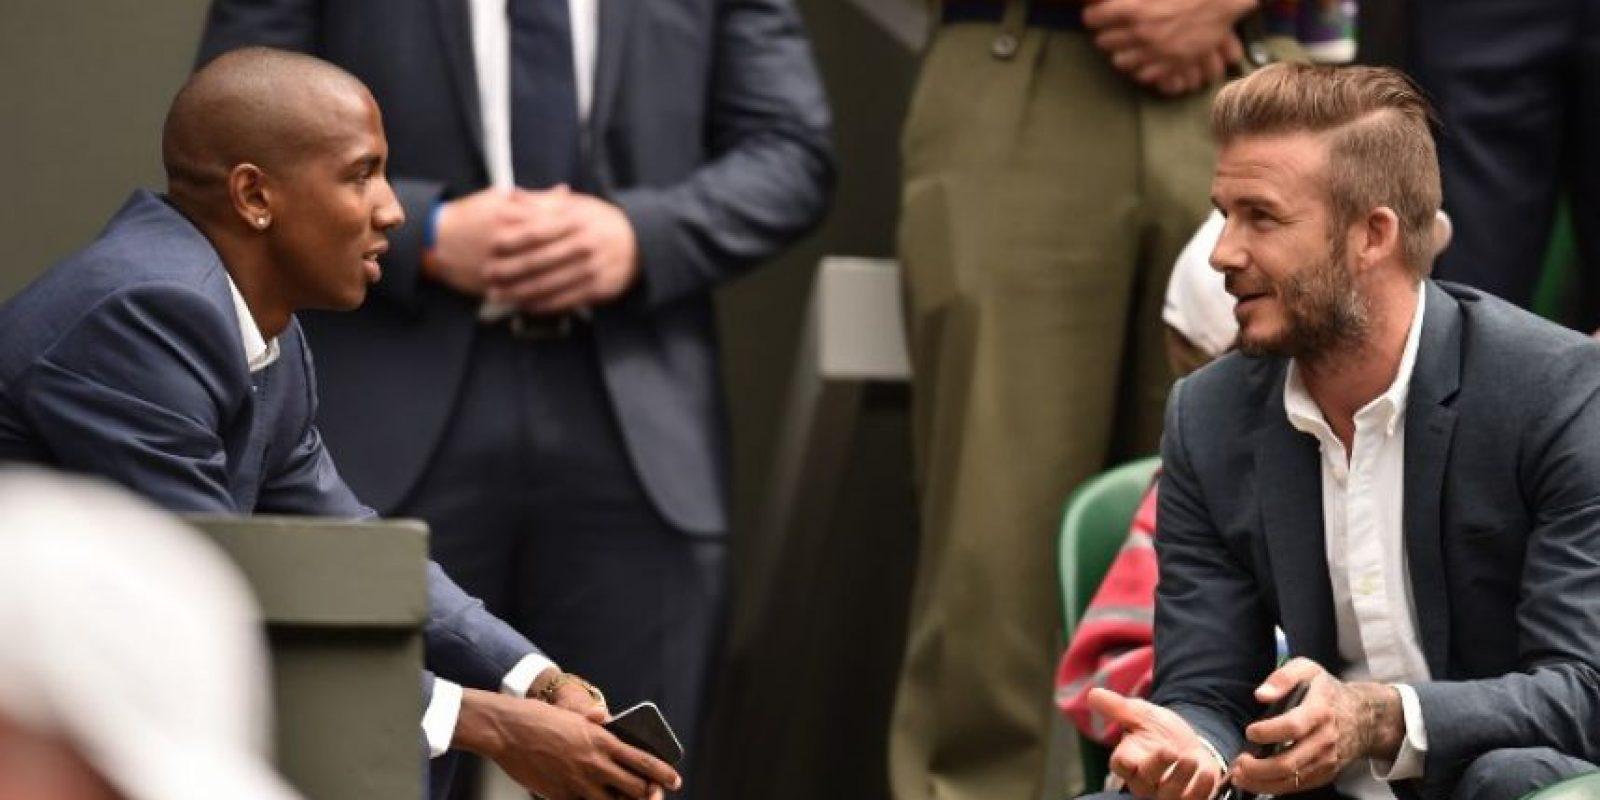 El exfutbolista inglés le hizo llegar su petición a la asamblea de la ONU. Foto:AFP